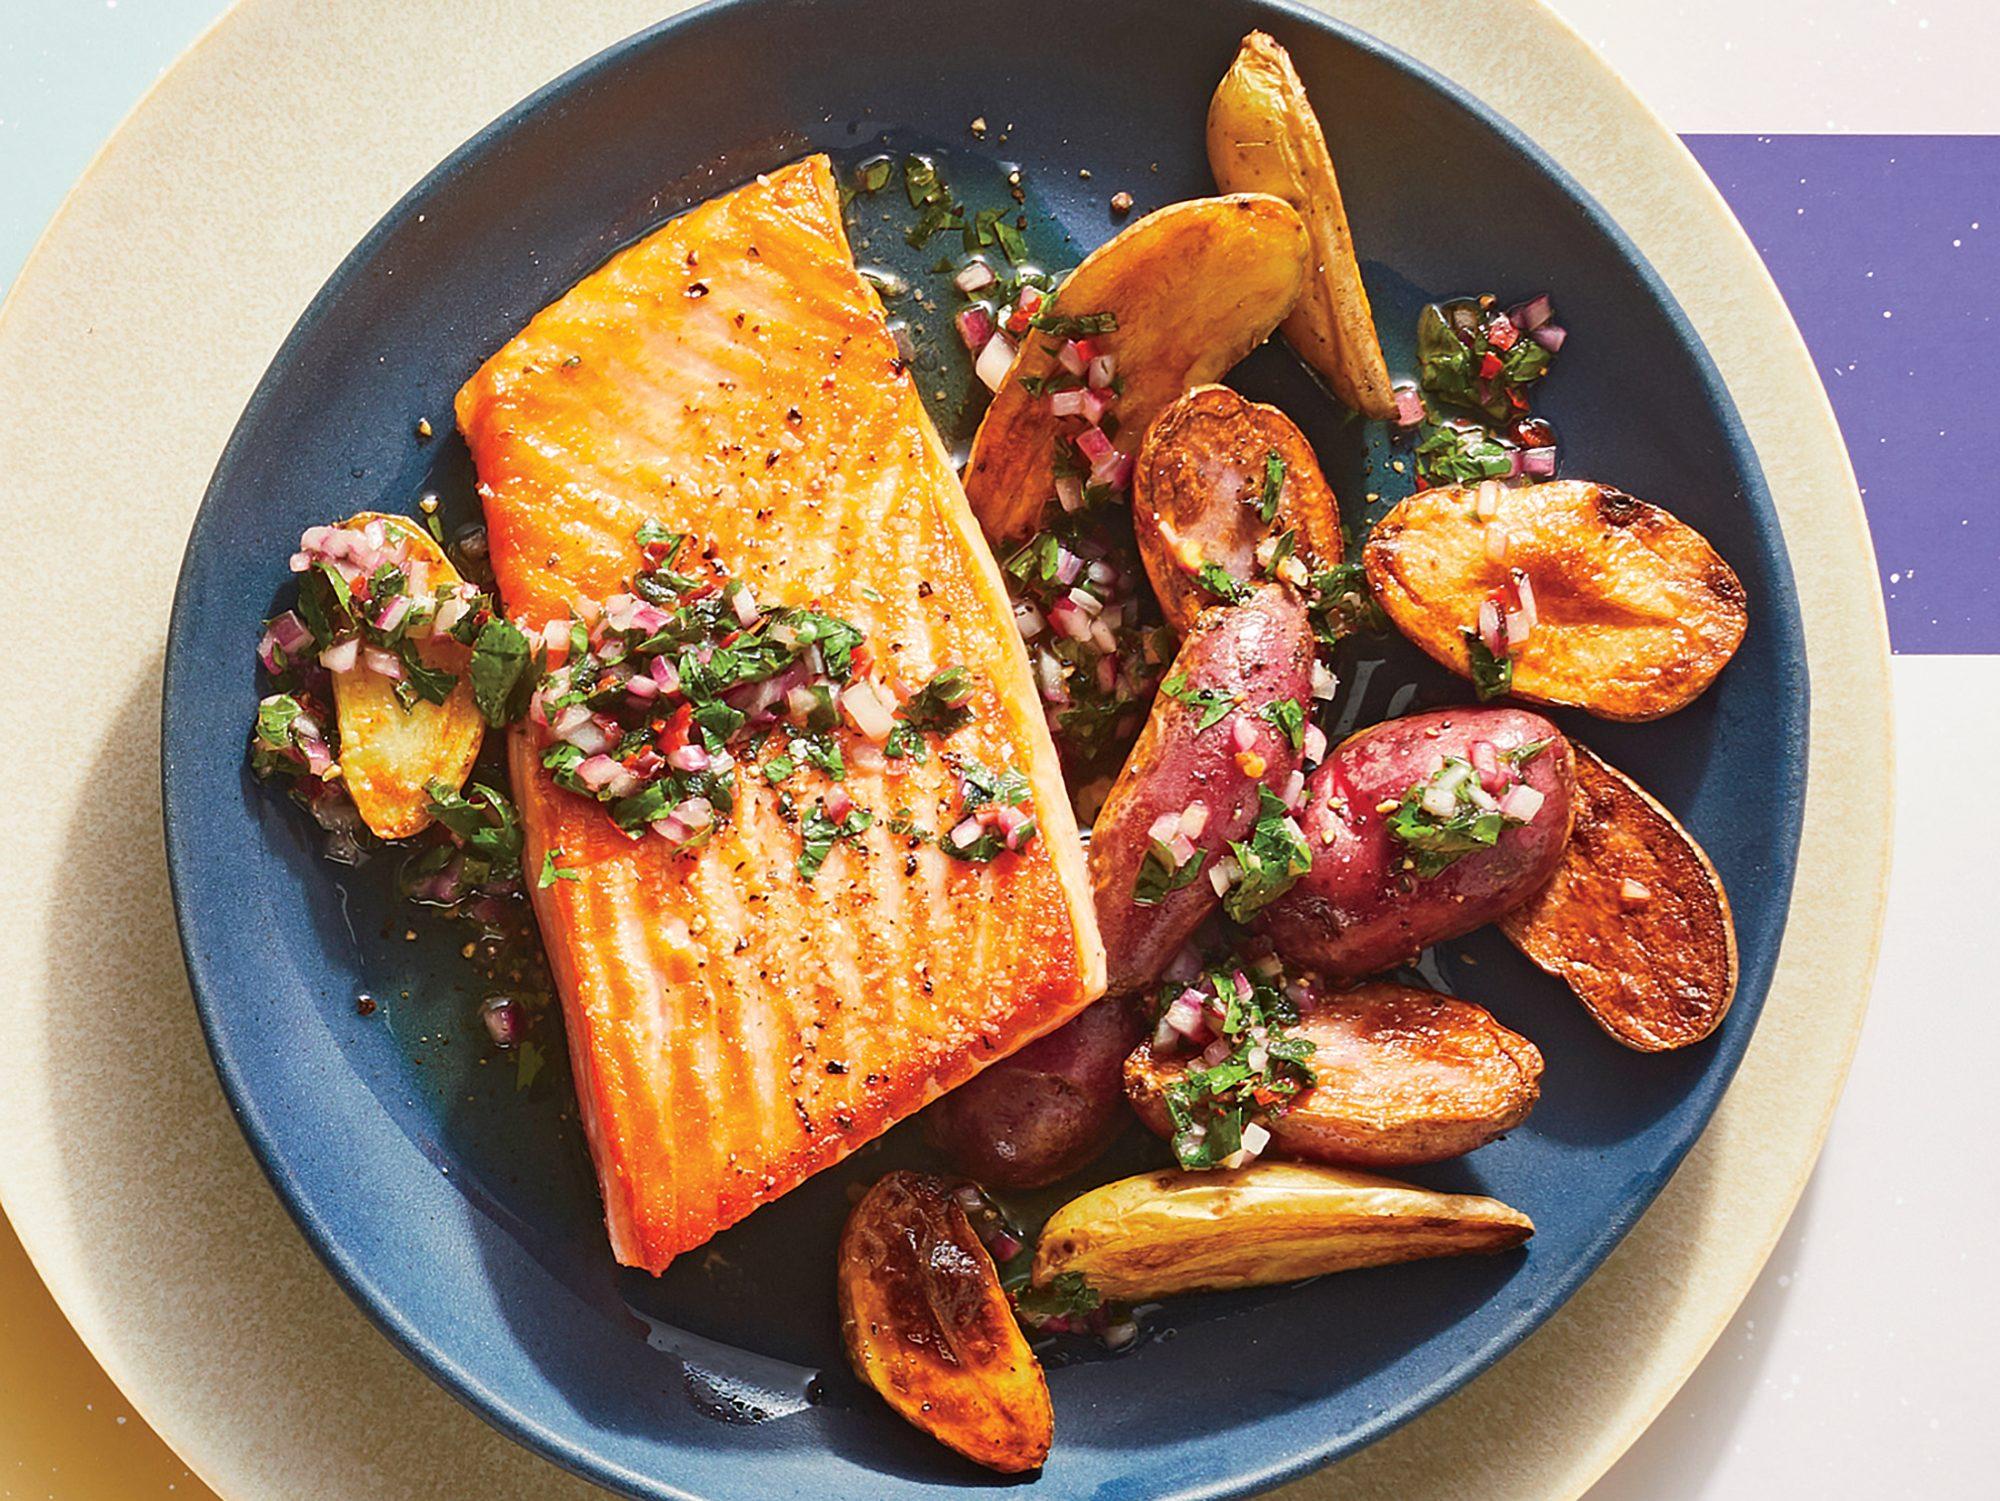 Sautéed Salmon with Chimichurri and Potatoes